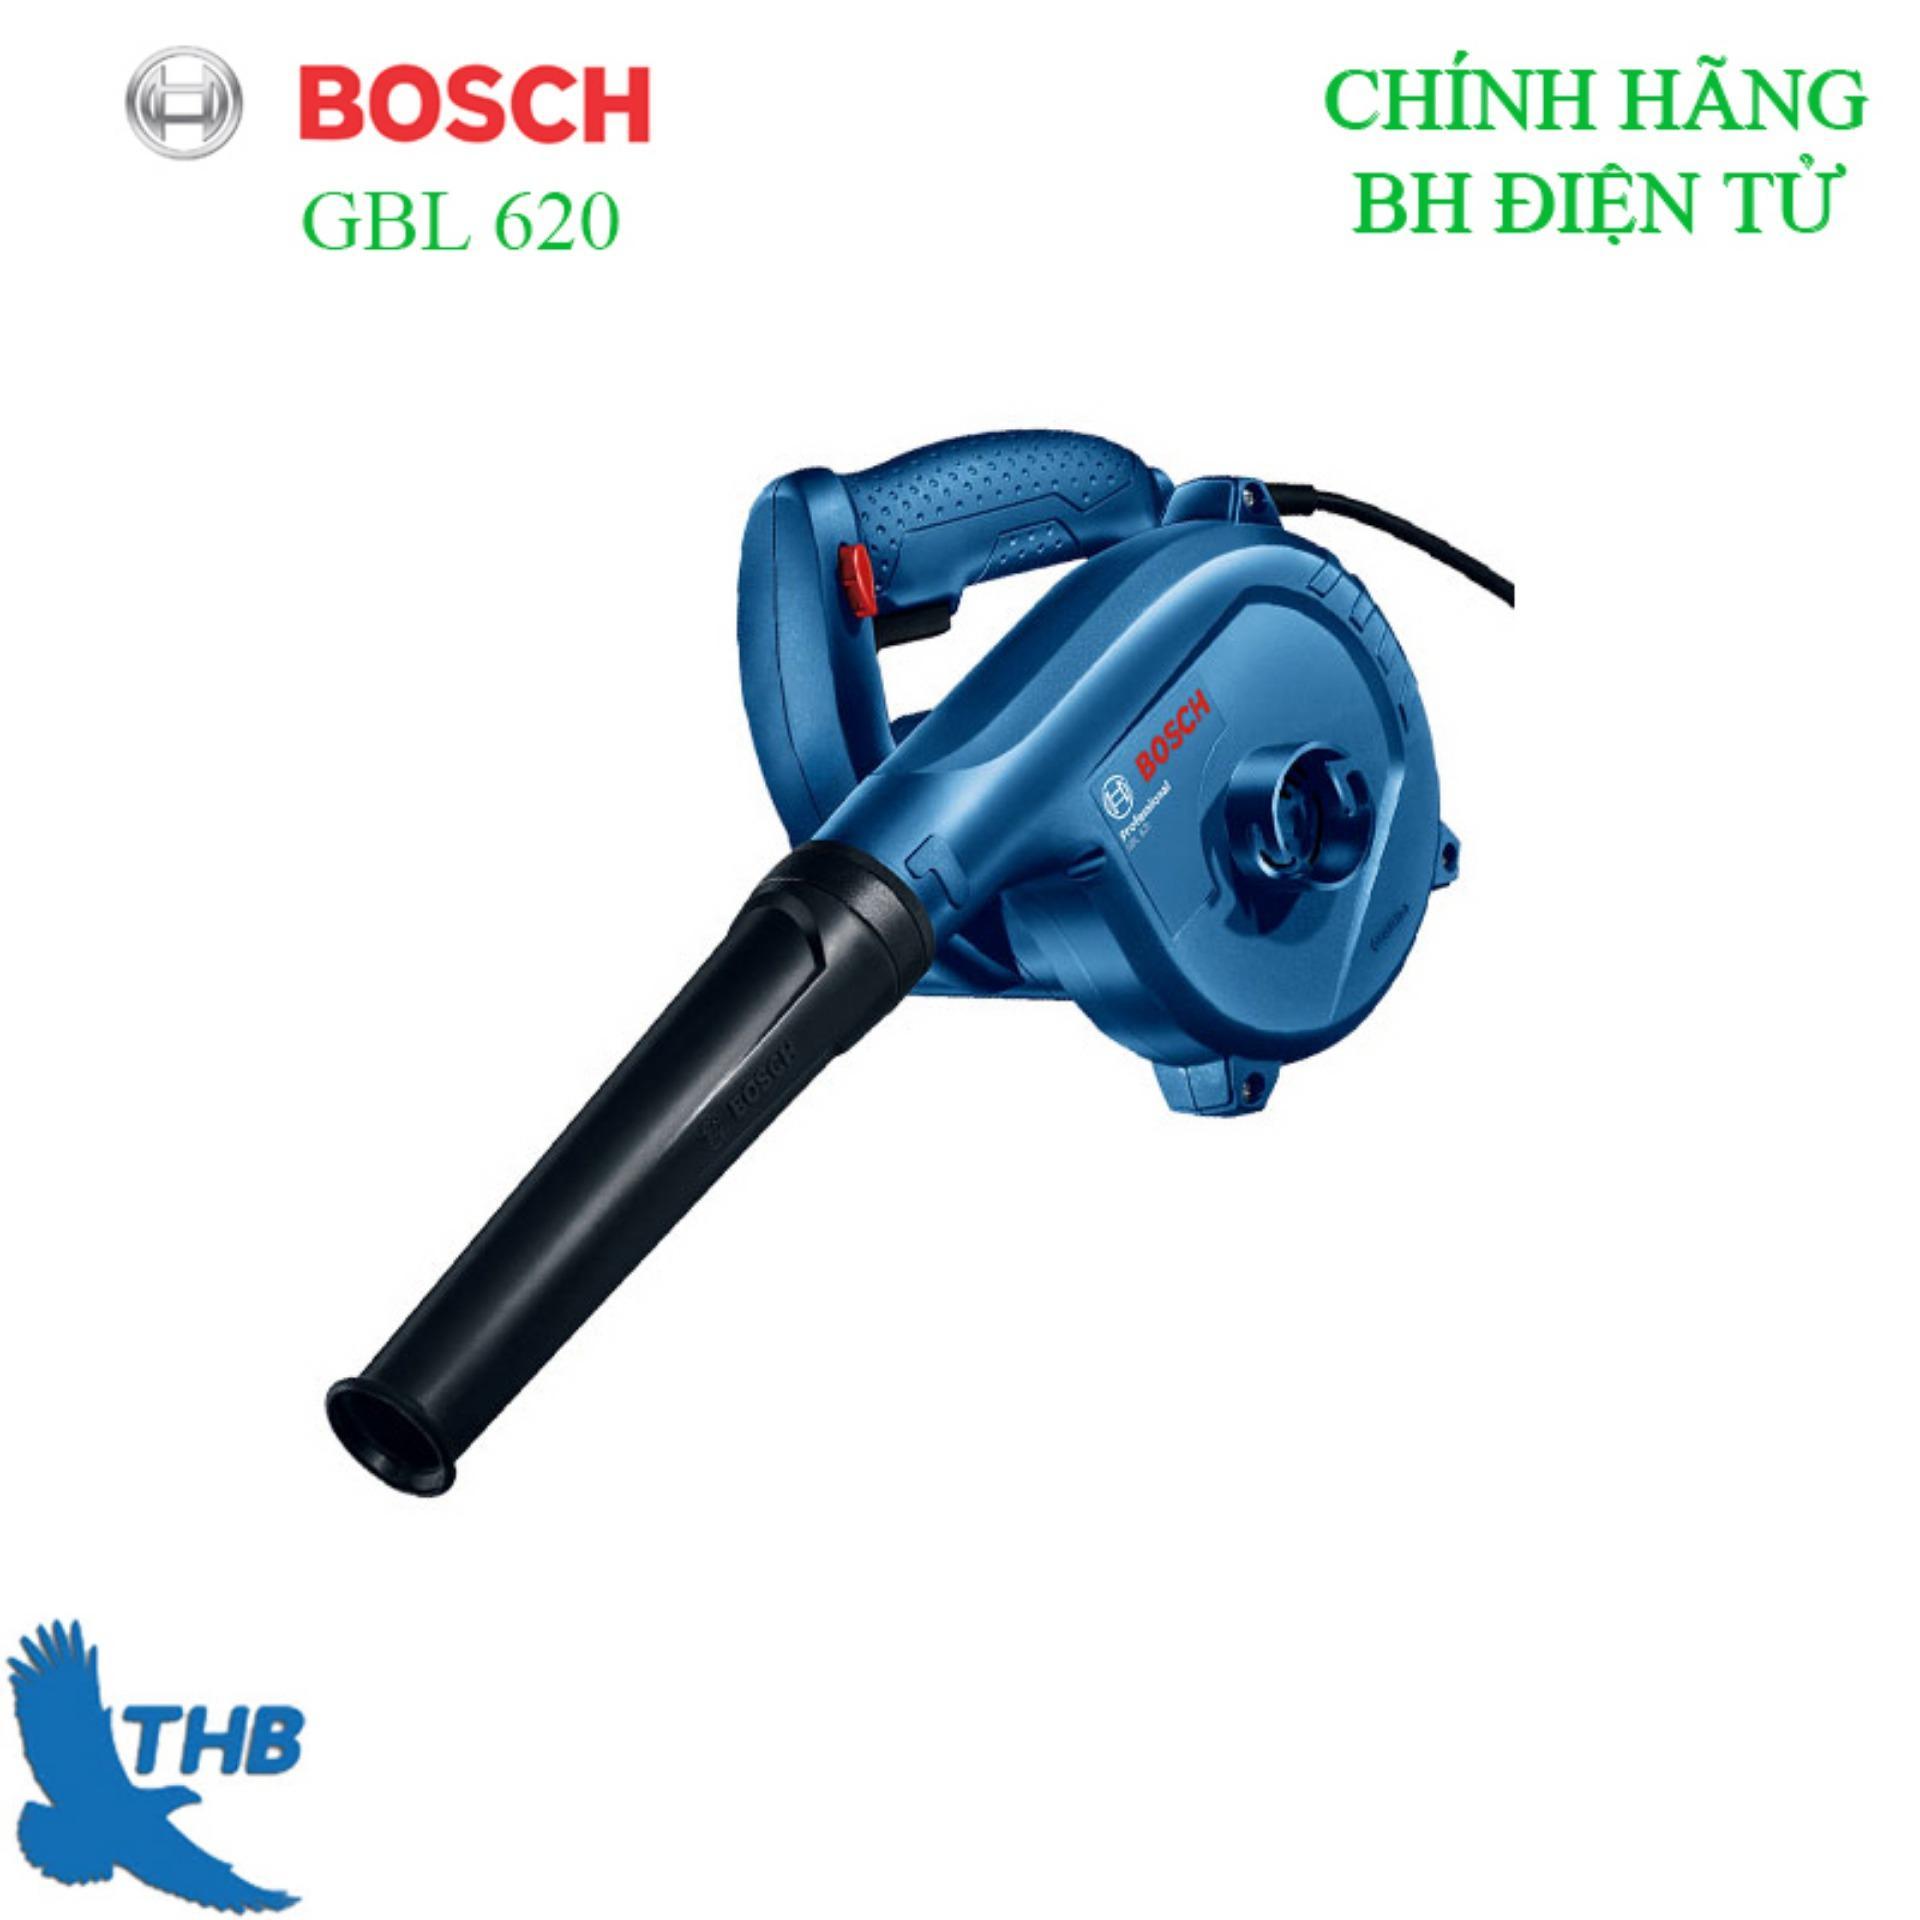 Máy thổi bụi Bosch GBL 620 Công suất 620w bảo hành điện tử 12 tháng